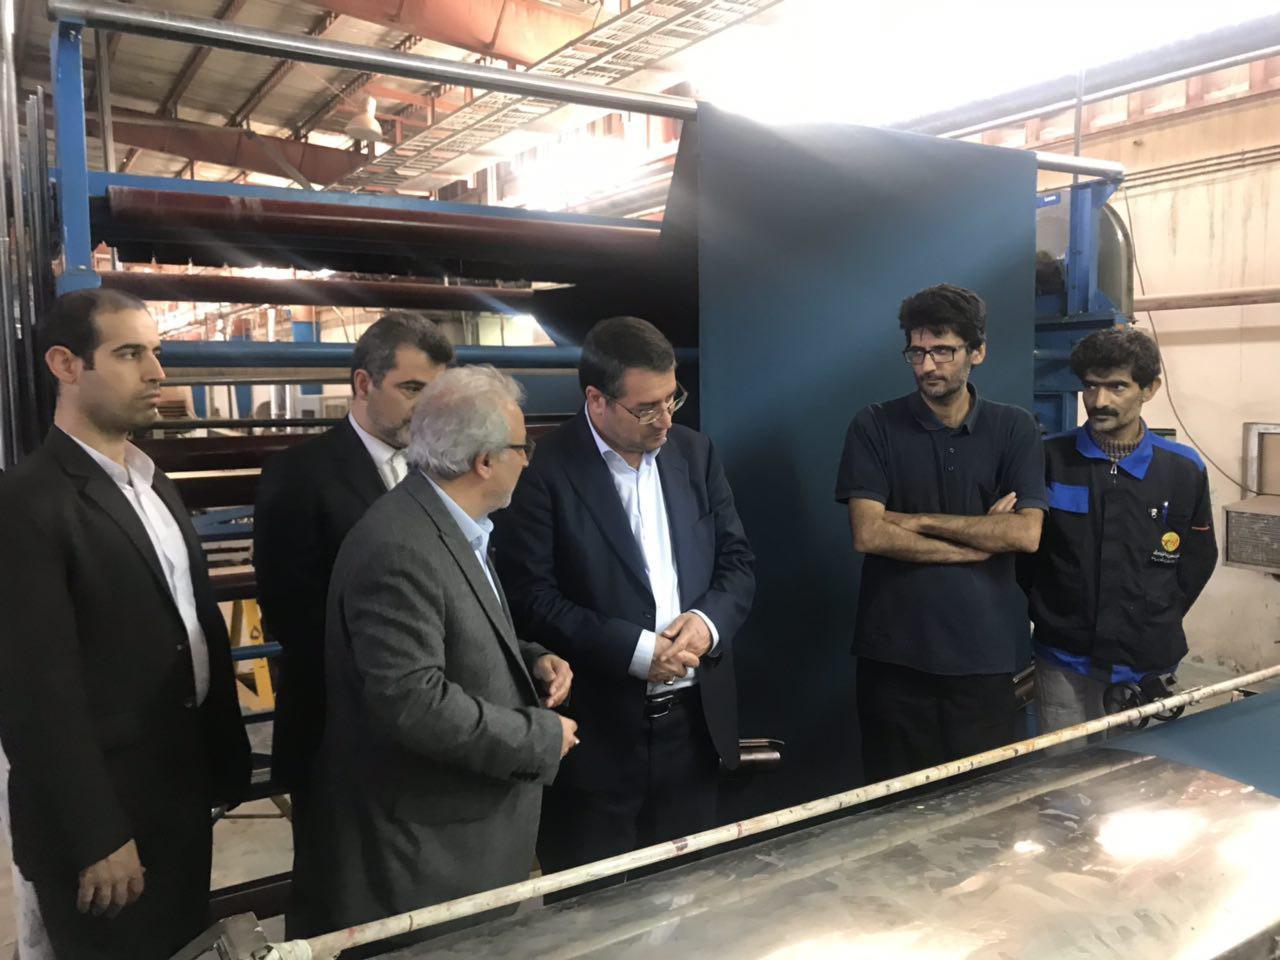 بازدید وزیر صنعت، معدن و تجارت از کارخانه بافت بلوچ ایرانشهر